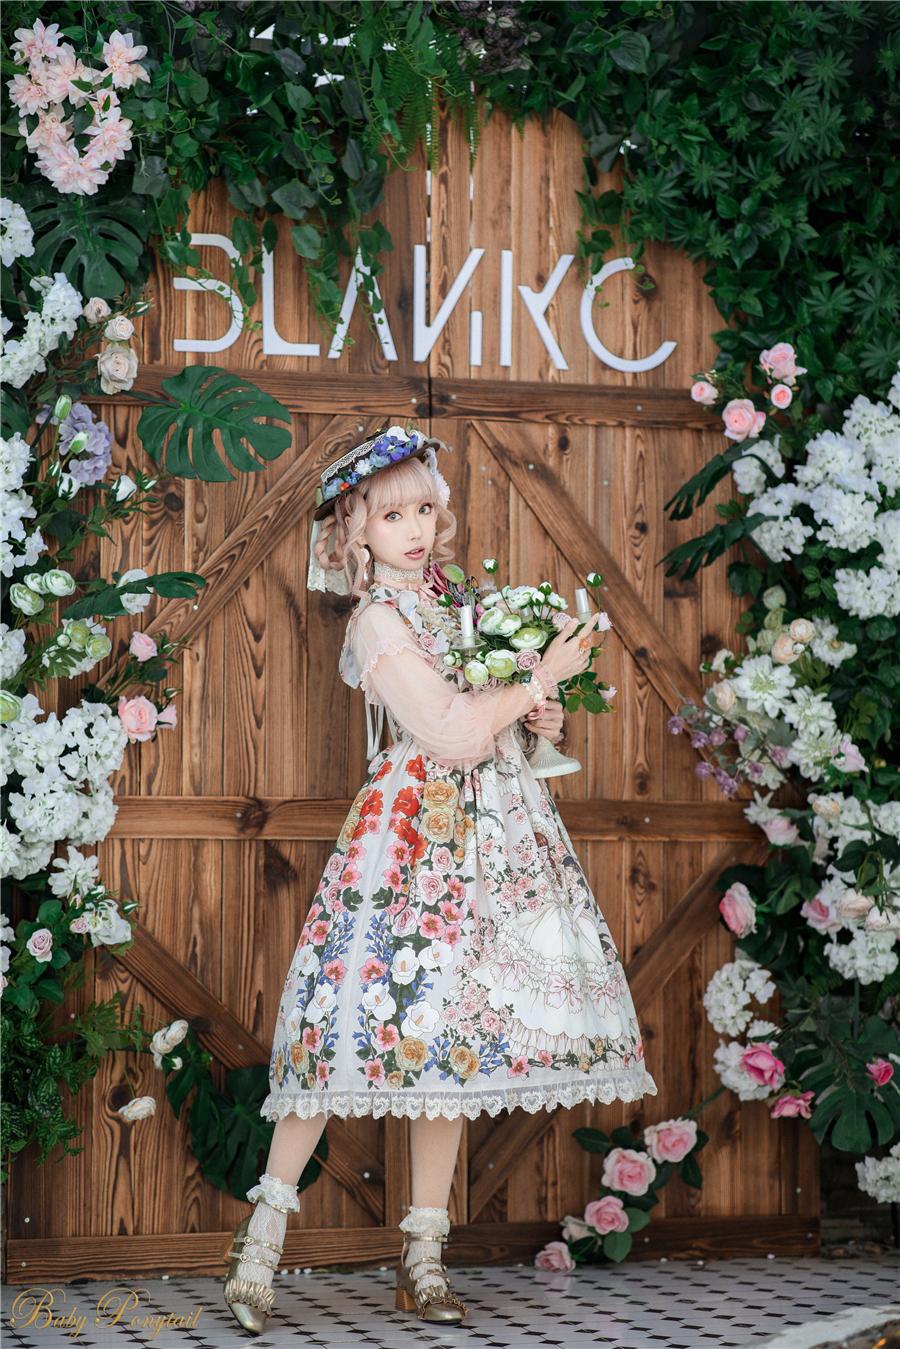 Baby Ponytail_Model Photo_Polly's Garden of Dreams_JSK Ivory_Kaka02.jpg